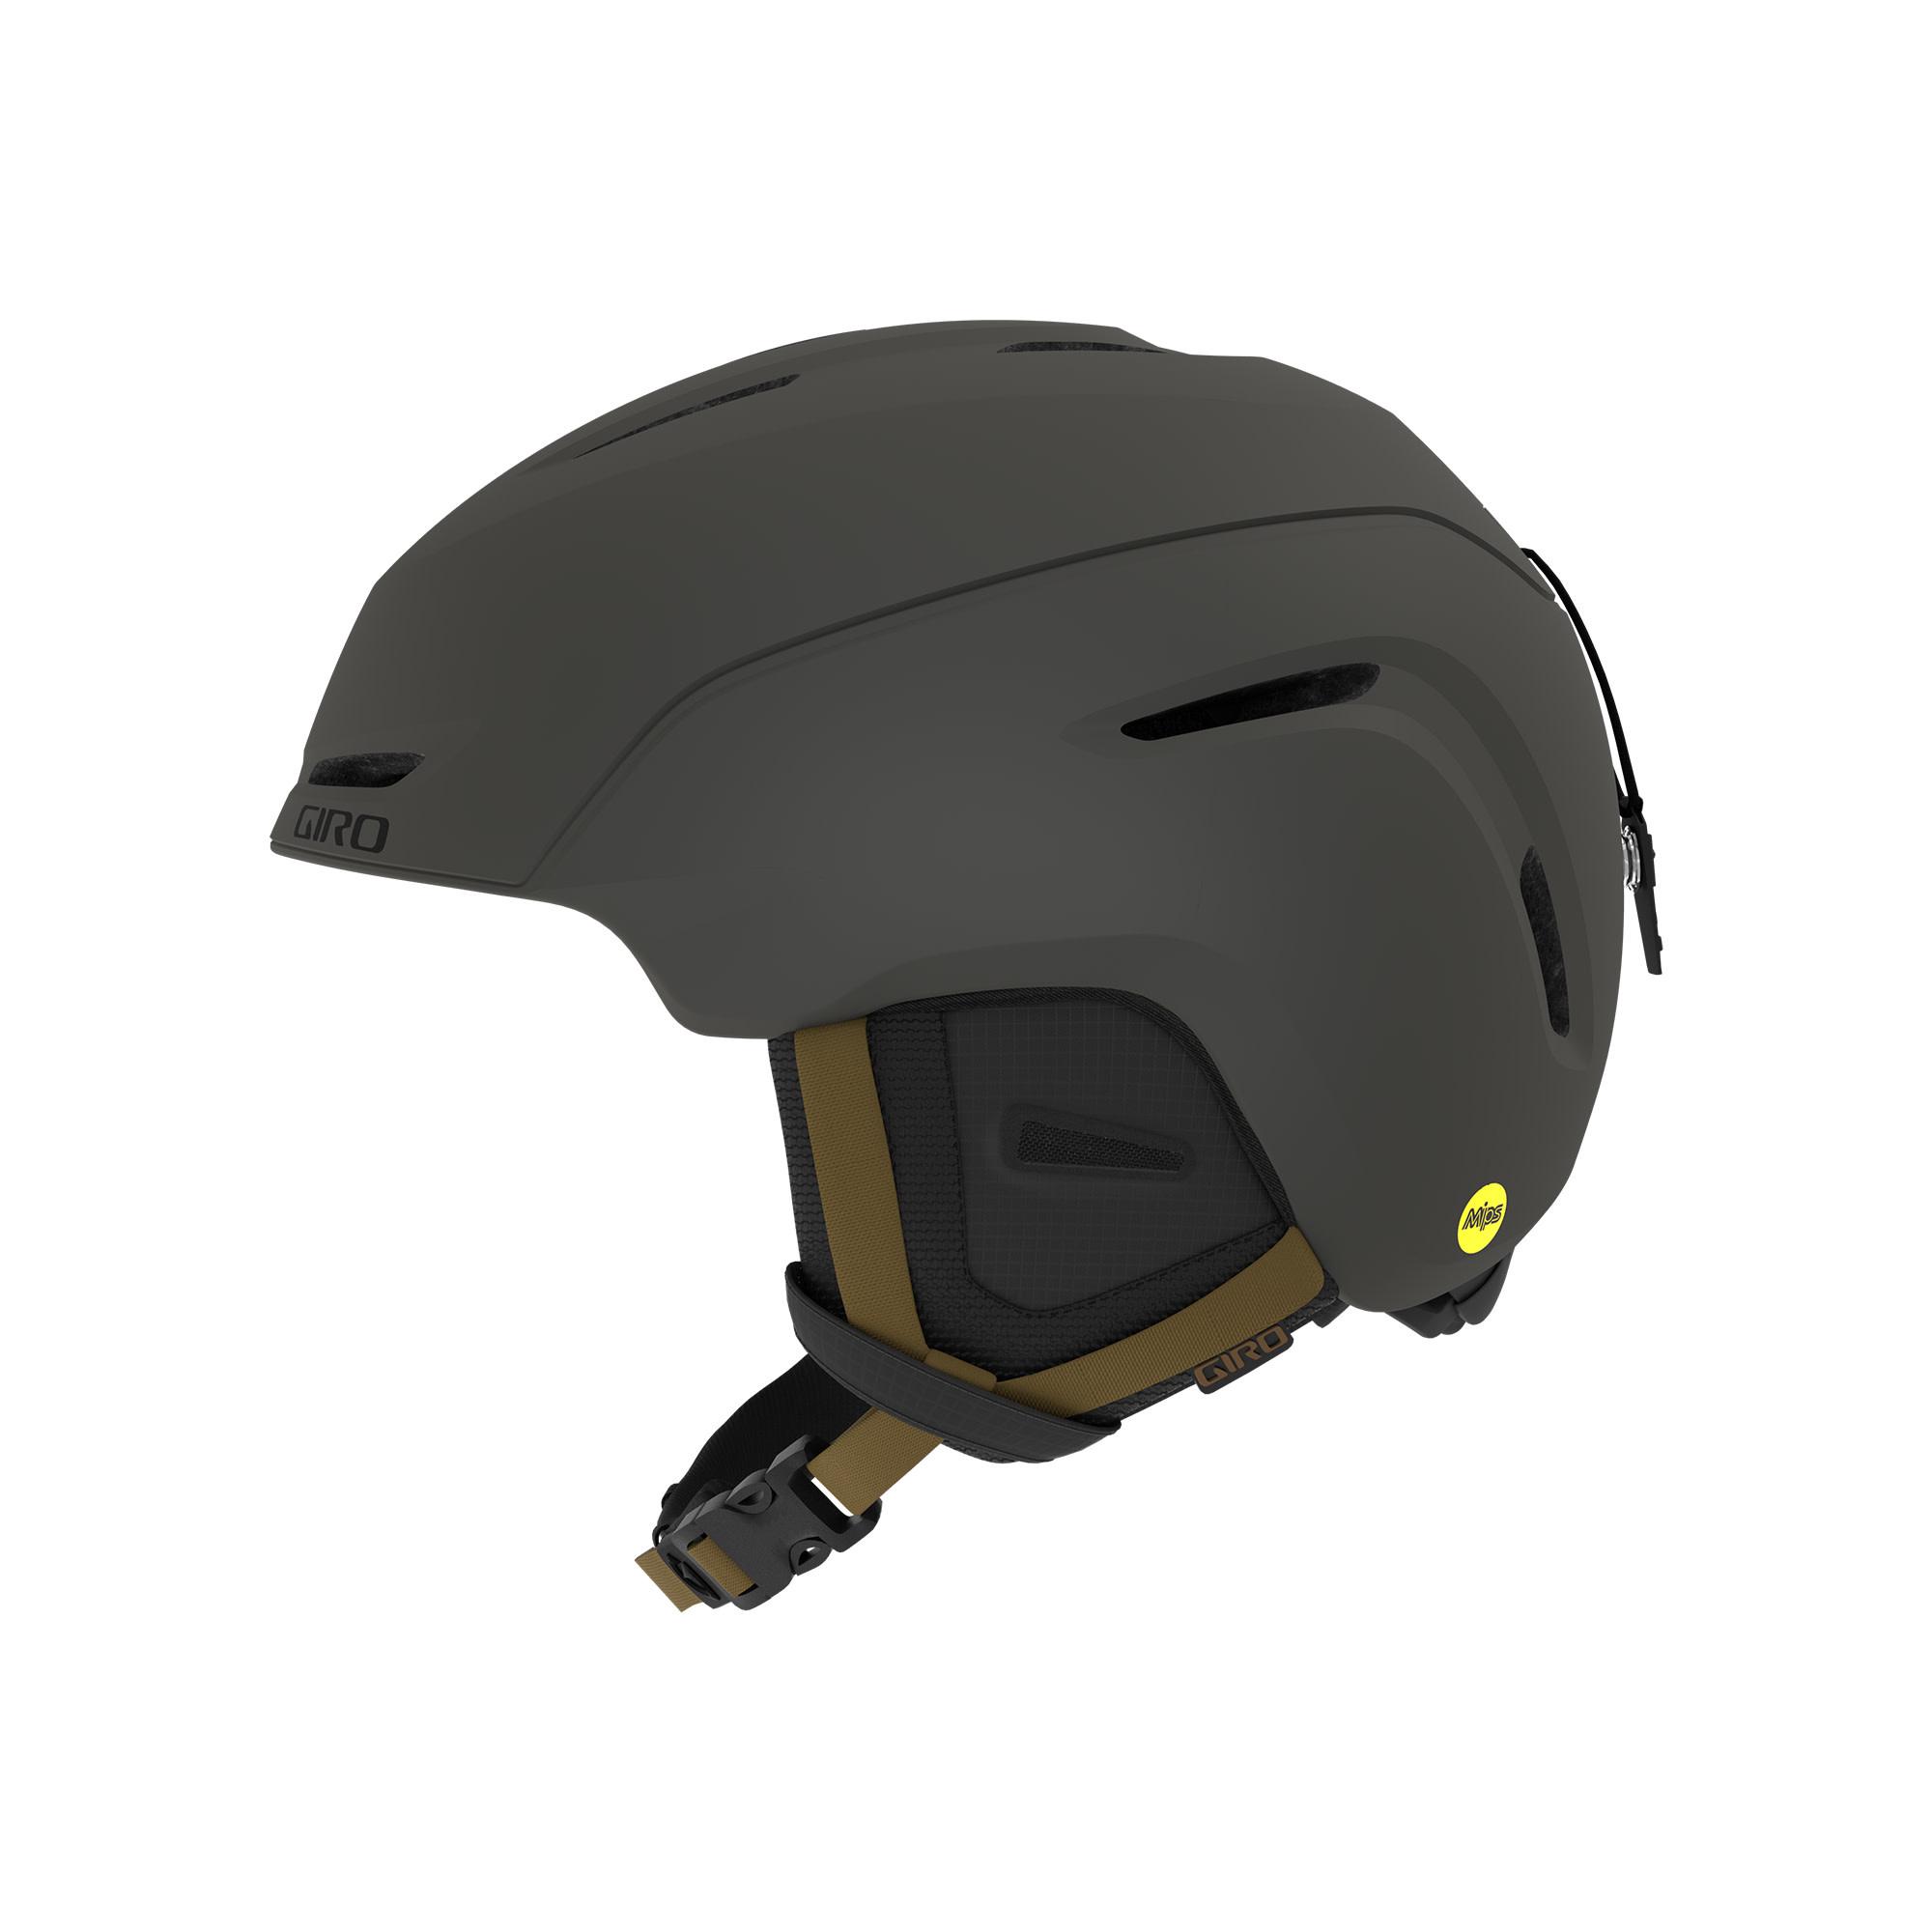 Giro Neo MIPS-4